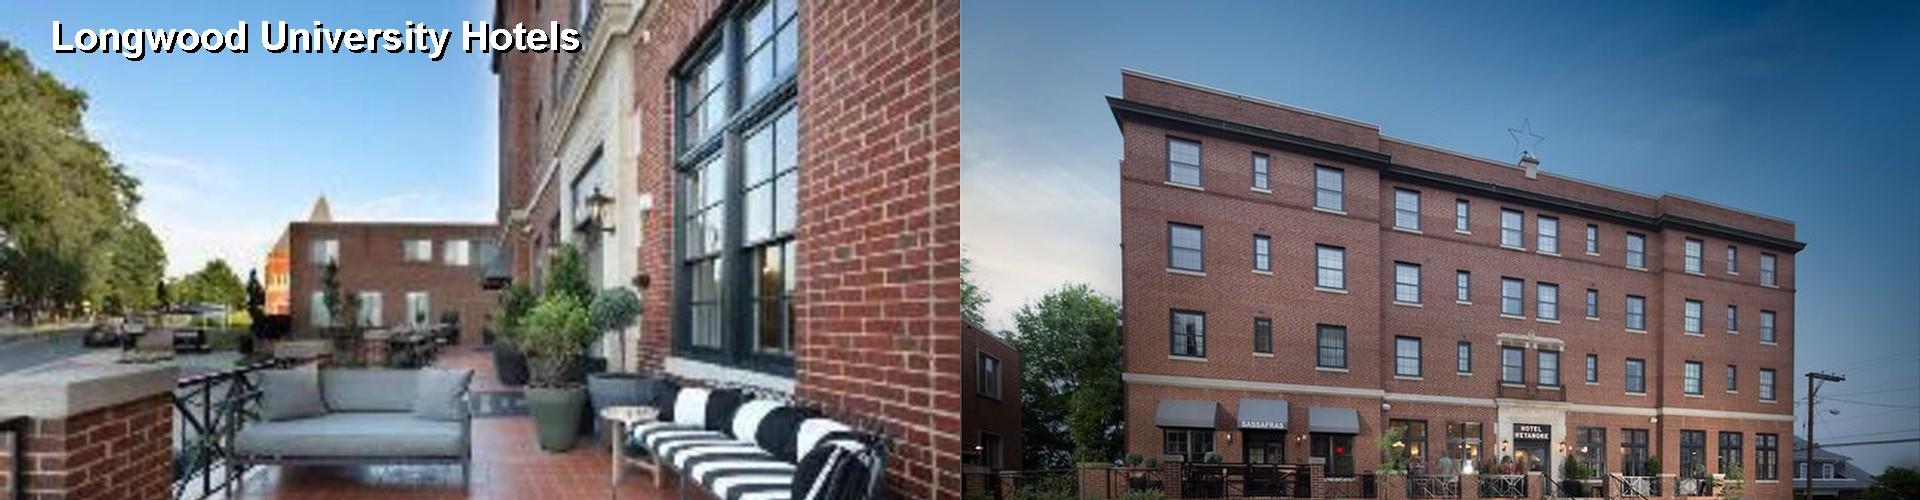 4 Best Hotels Near Longwood University